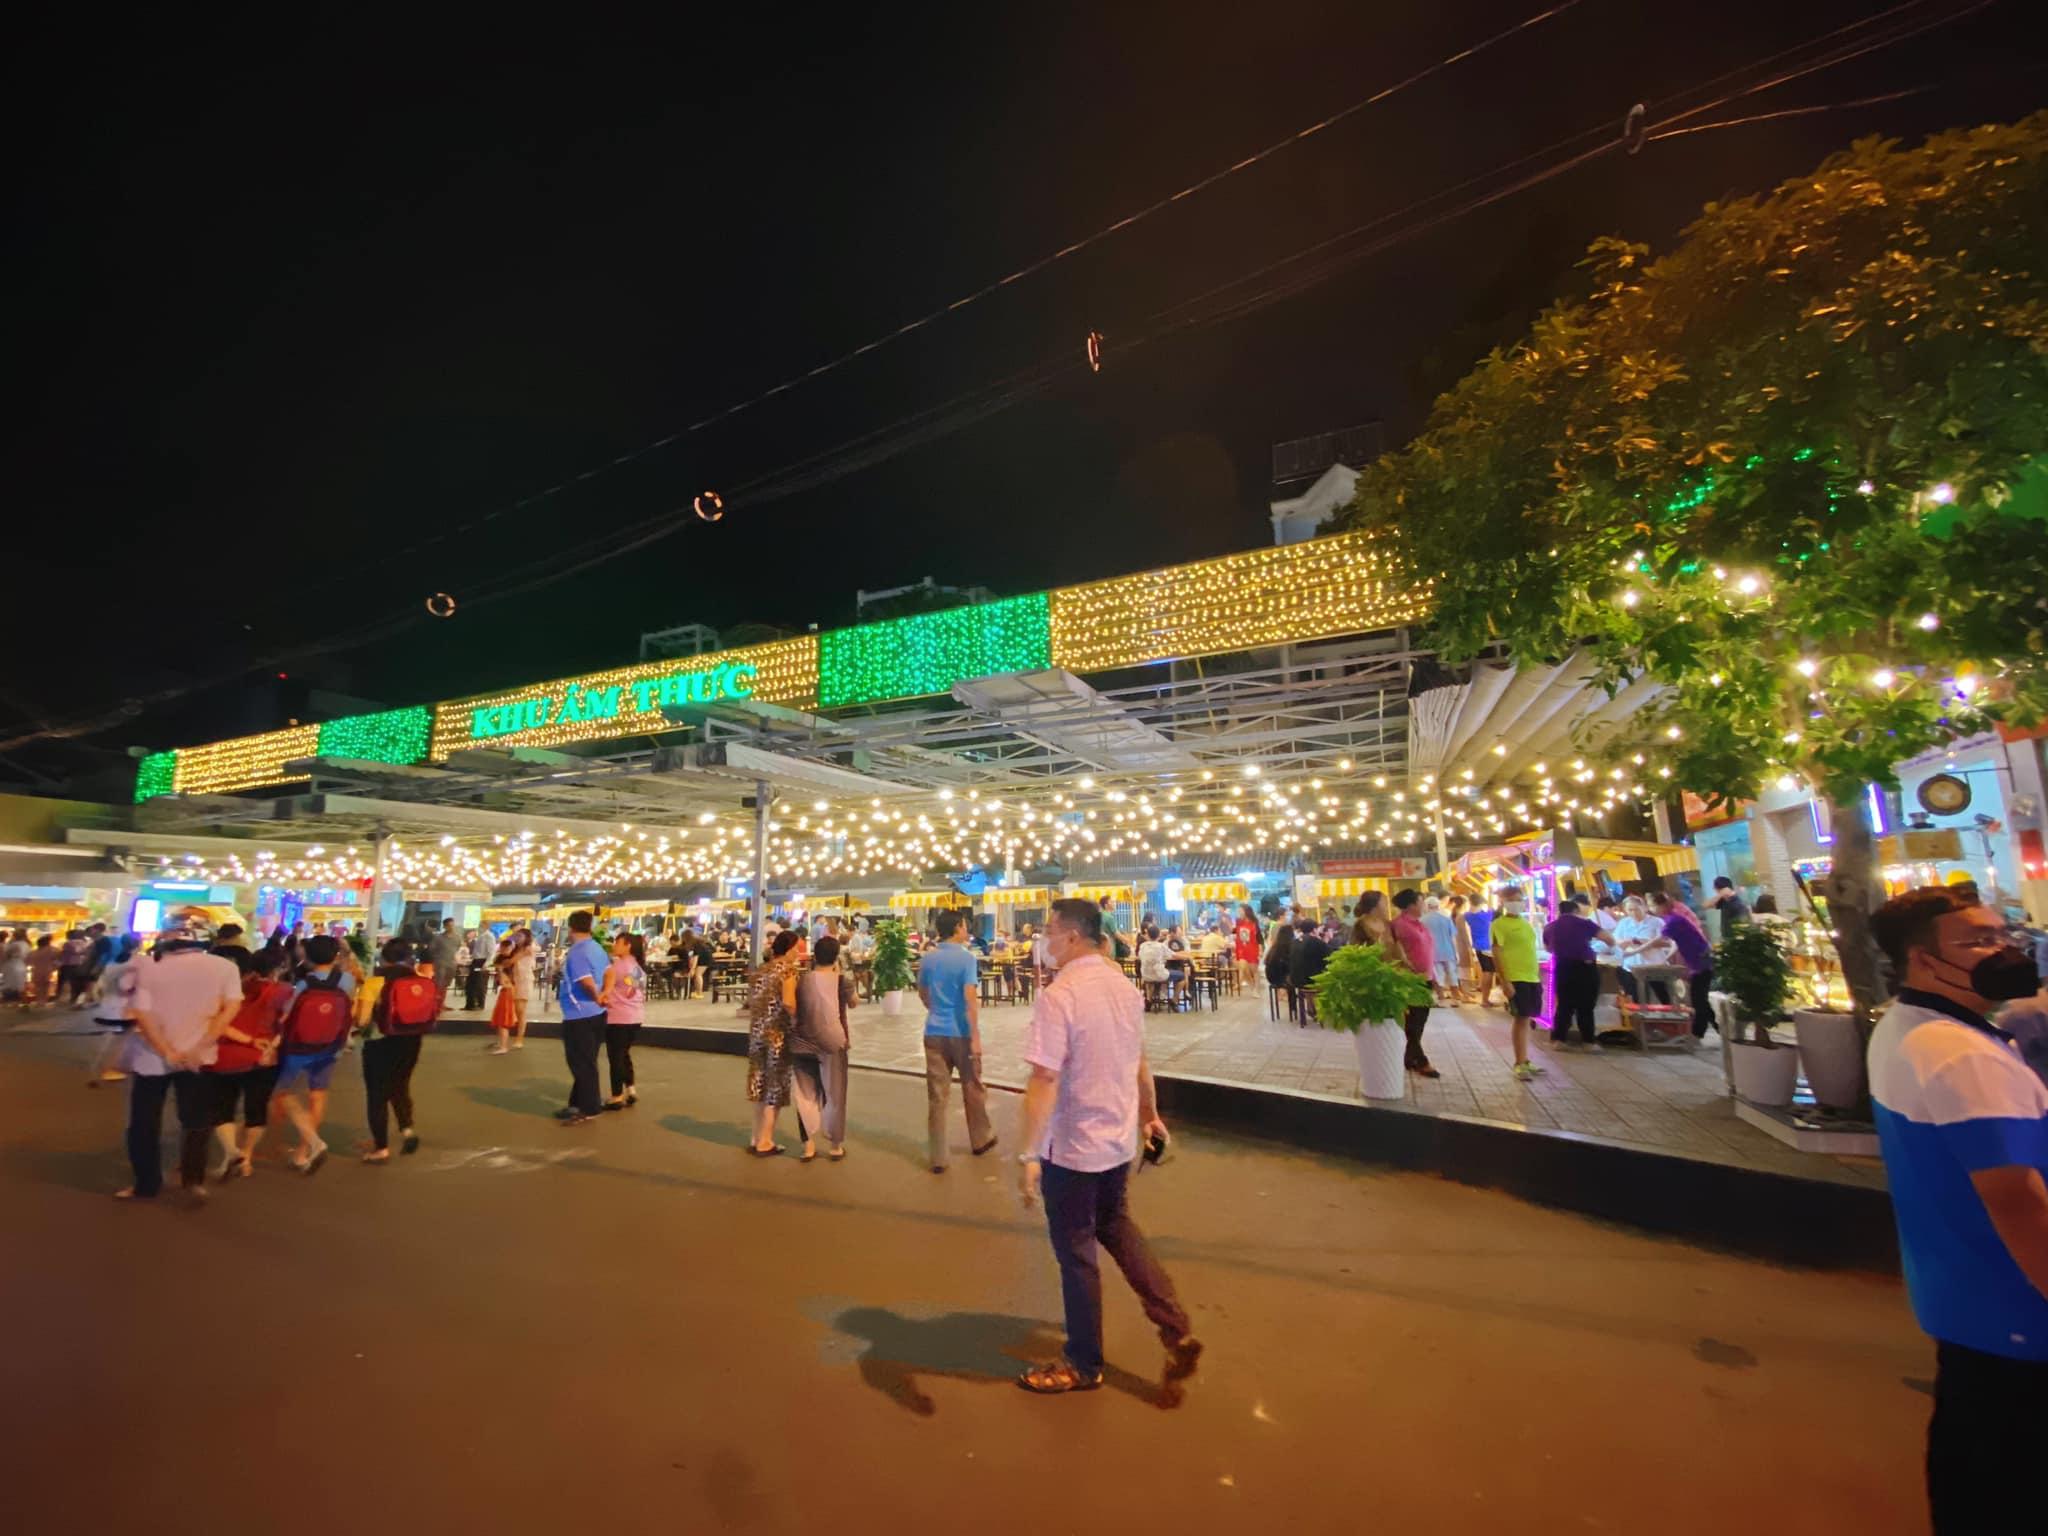 Khám phá những sự kiện mừng Tết Dương lịch tại Kỳ đài Quang Trung, phố đi bộ mới xuất hiện ở Sài Gòn - Ảnh 2.